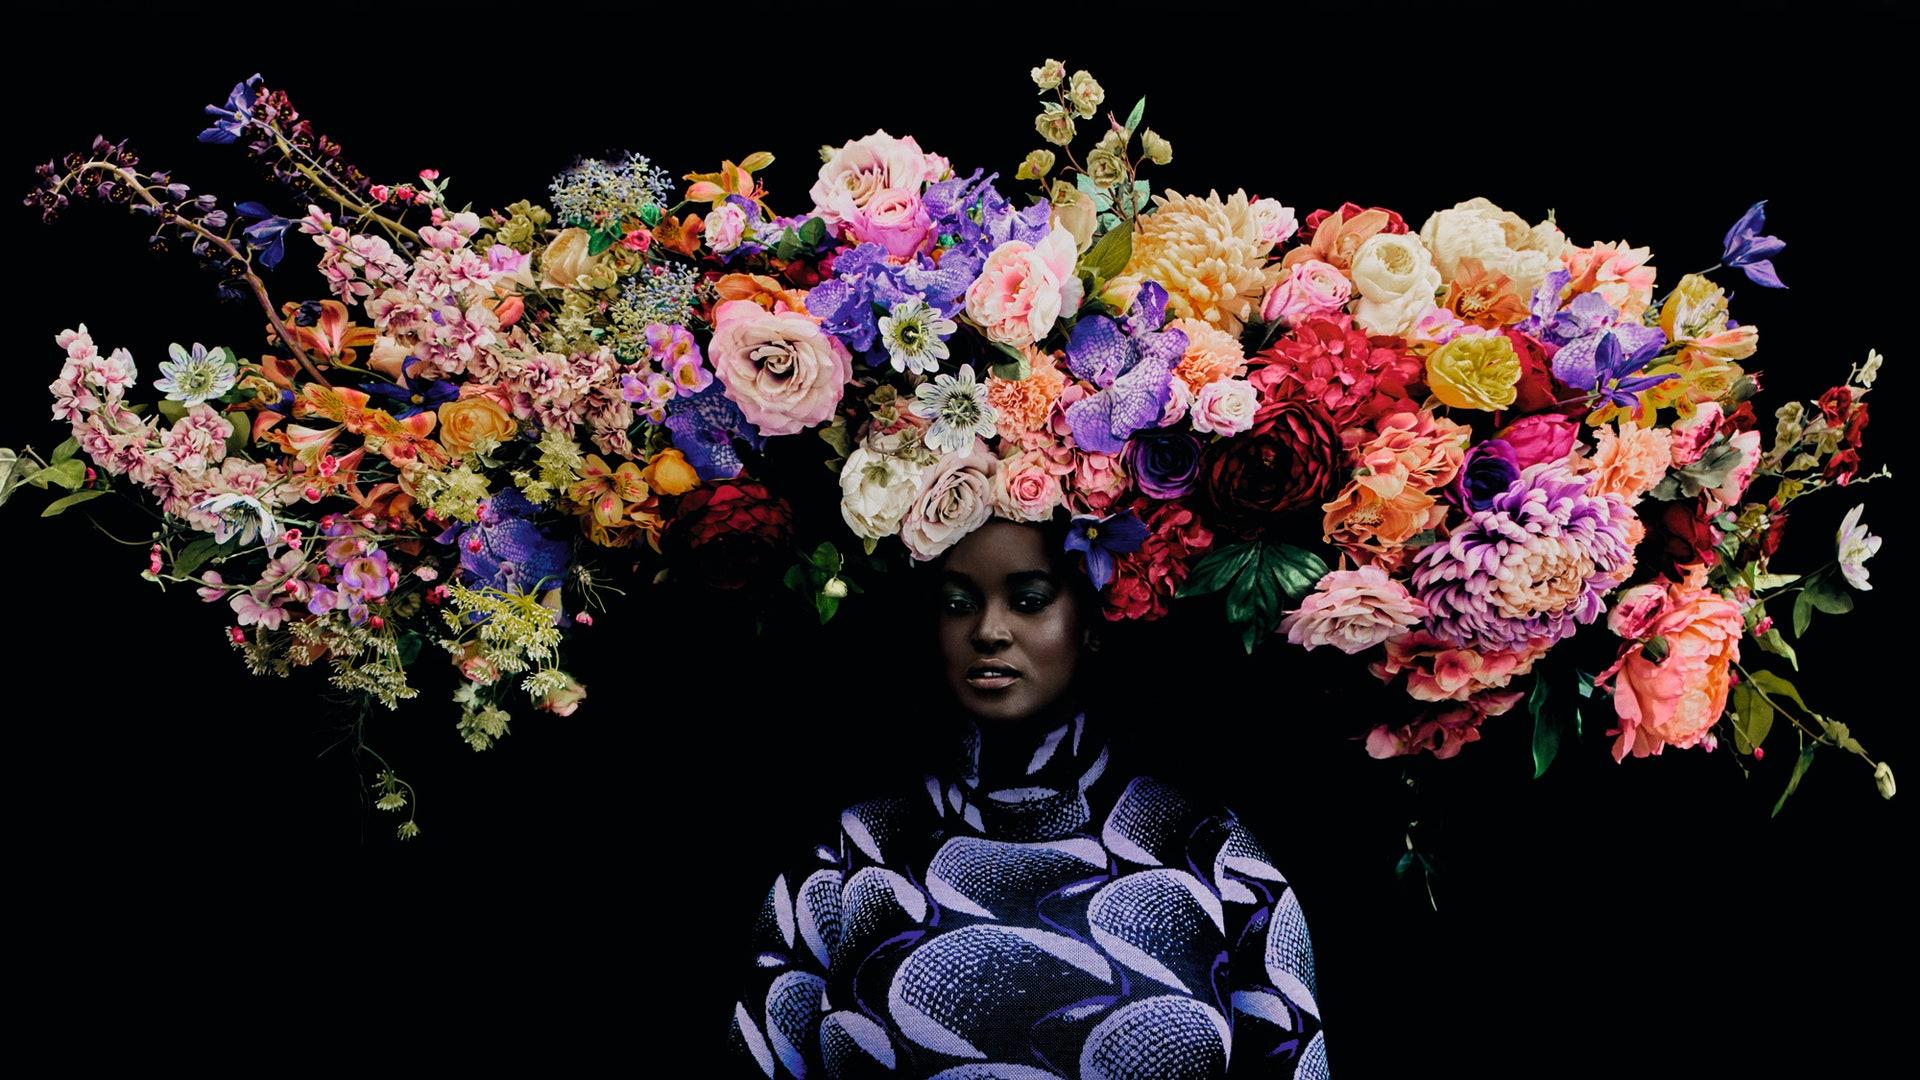 Миучча Прада и Раф Симонс в эксклюзивном проекте для Vogue: «Думали и о смене ролей. Я возглавляю Raf Simons, он — Prada»